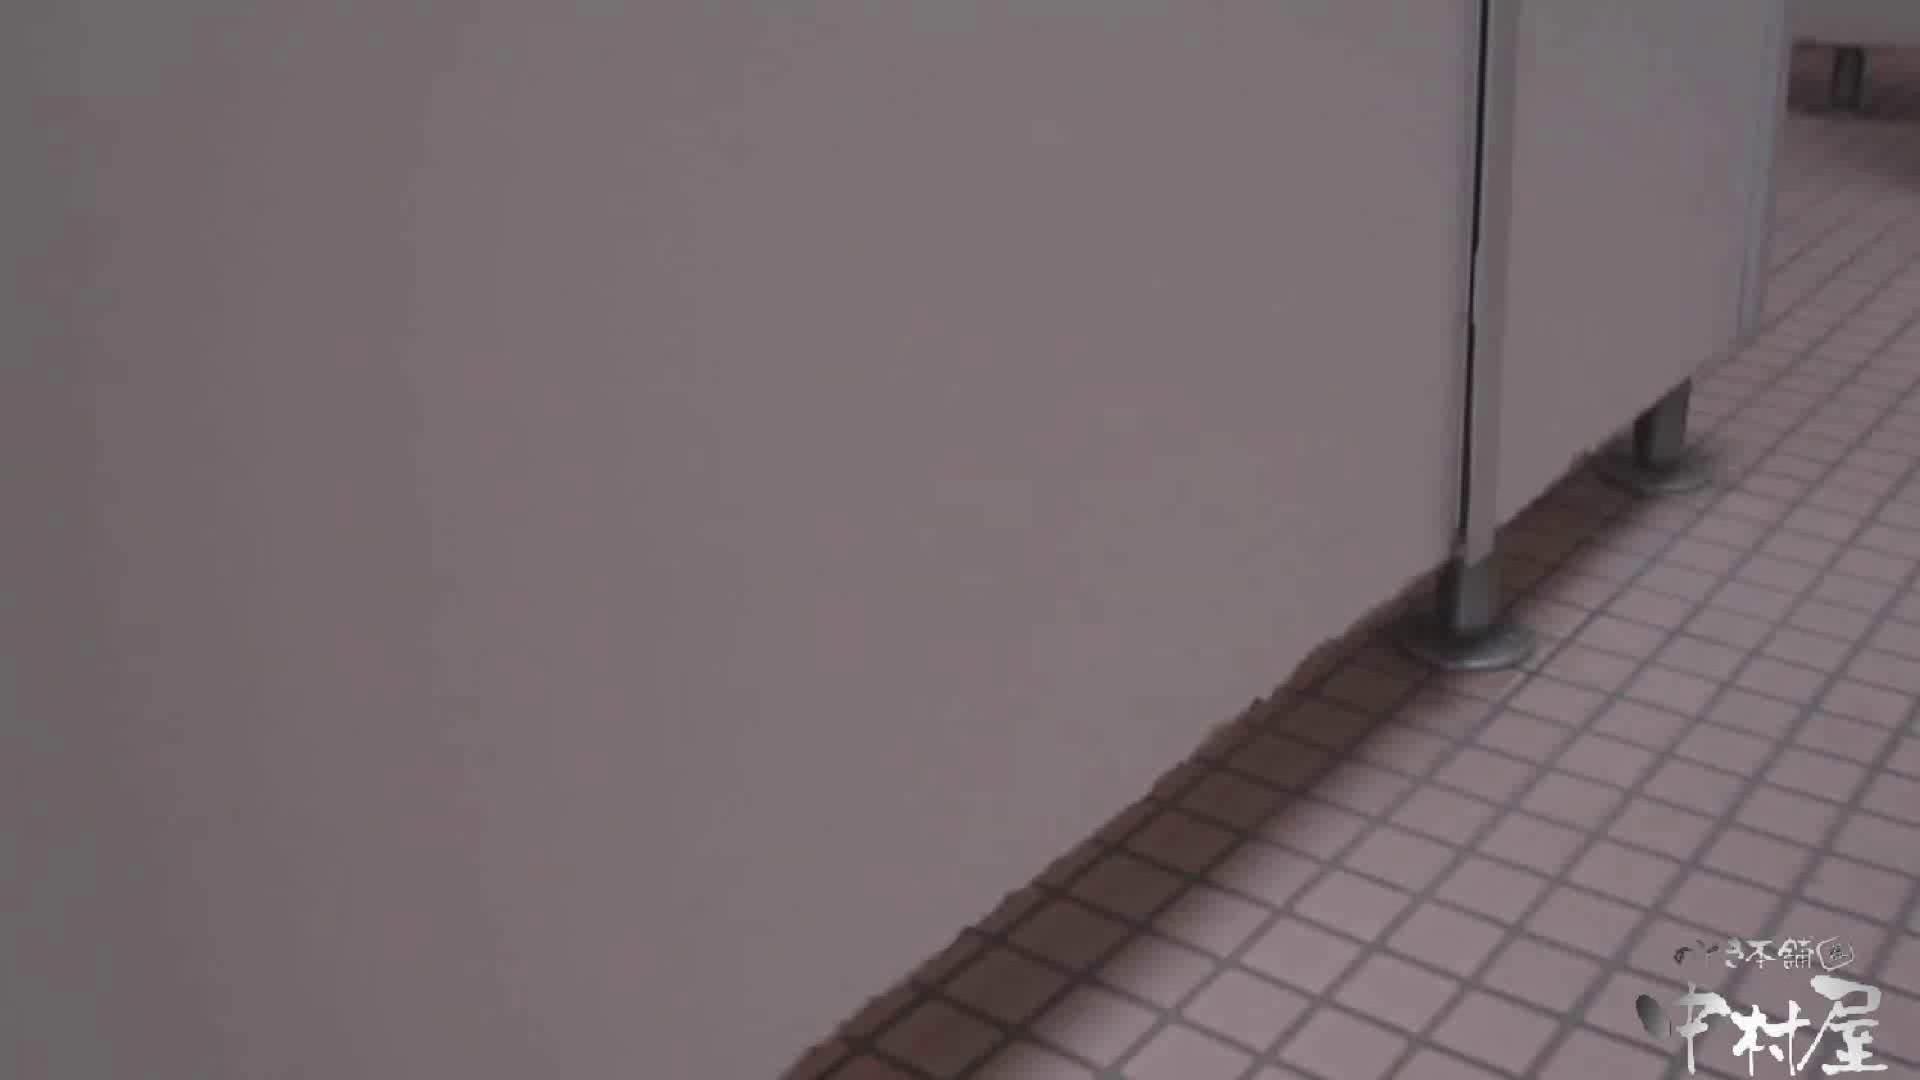 魂のかわや盗撮62連発! 超脱肛ギャル! 3発目! 黄金水 | 盗撮師作品  97pic 49